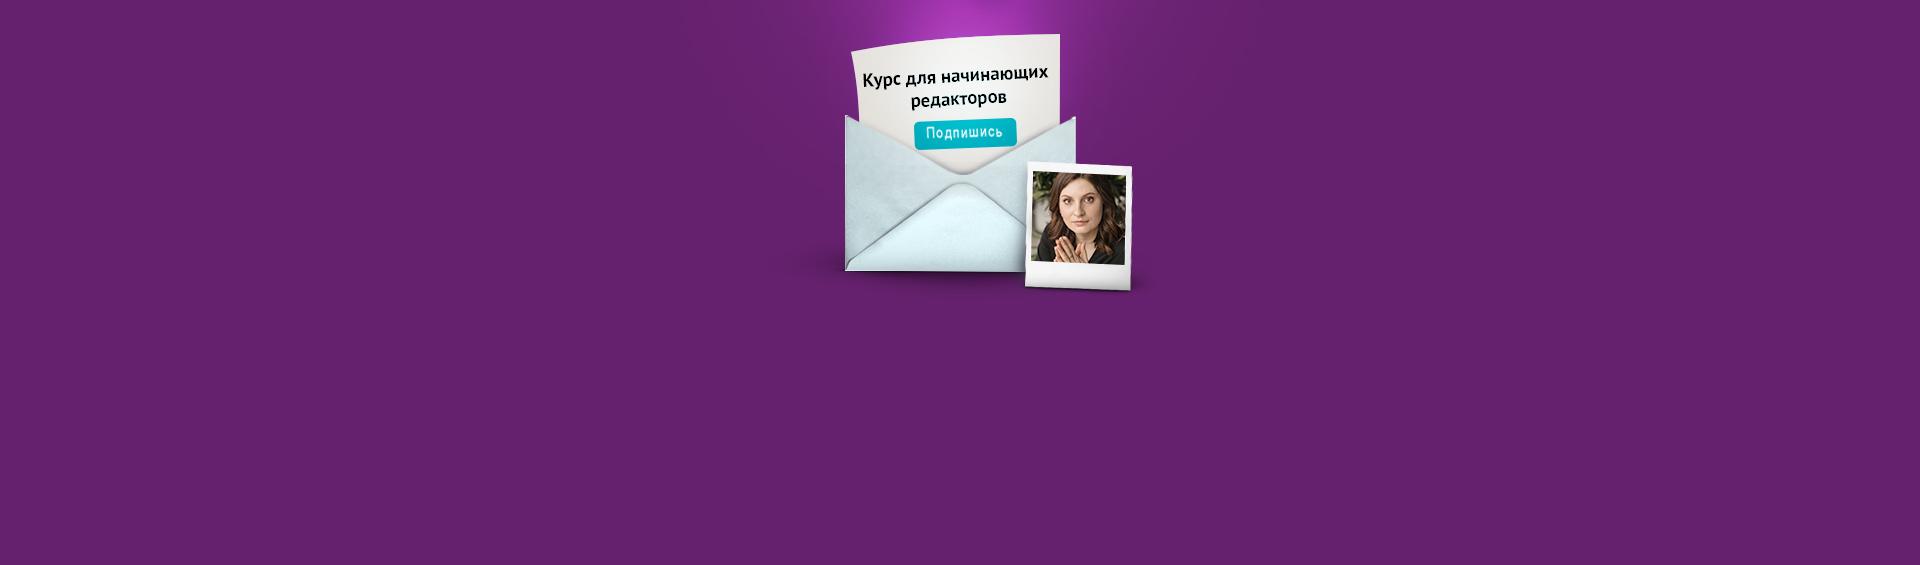 Ирина Ильяхова, главред «Тинькофф-бизнеса». Как изменить рынок спомощью рассылки